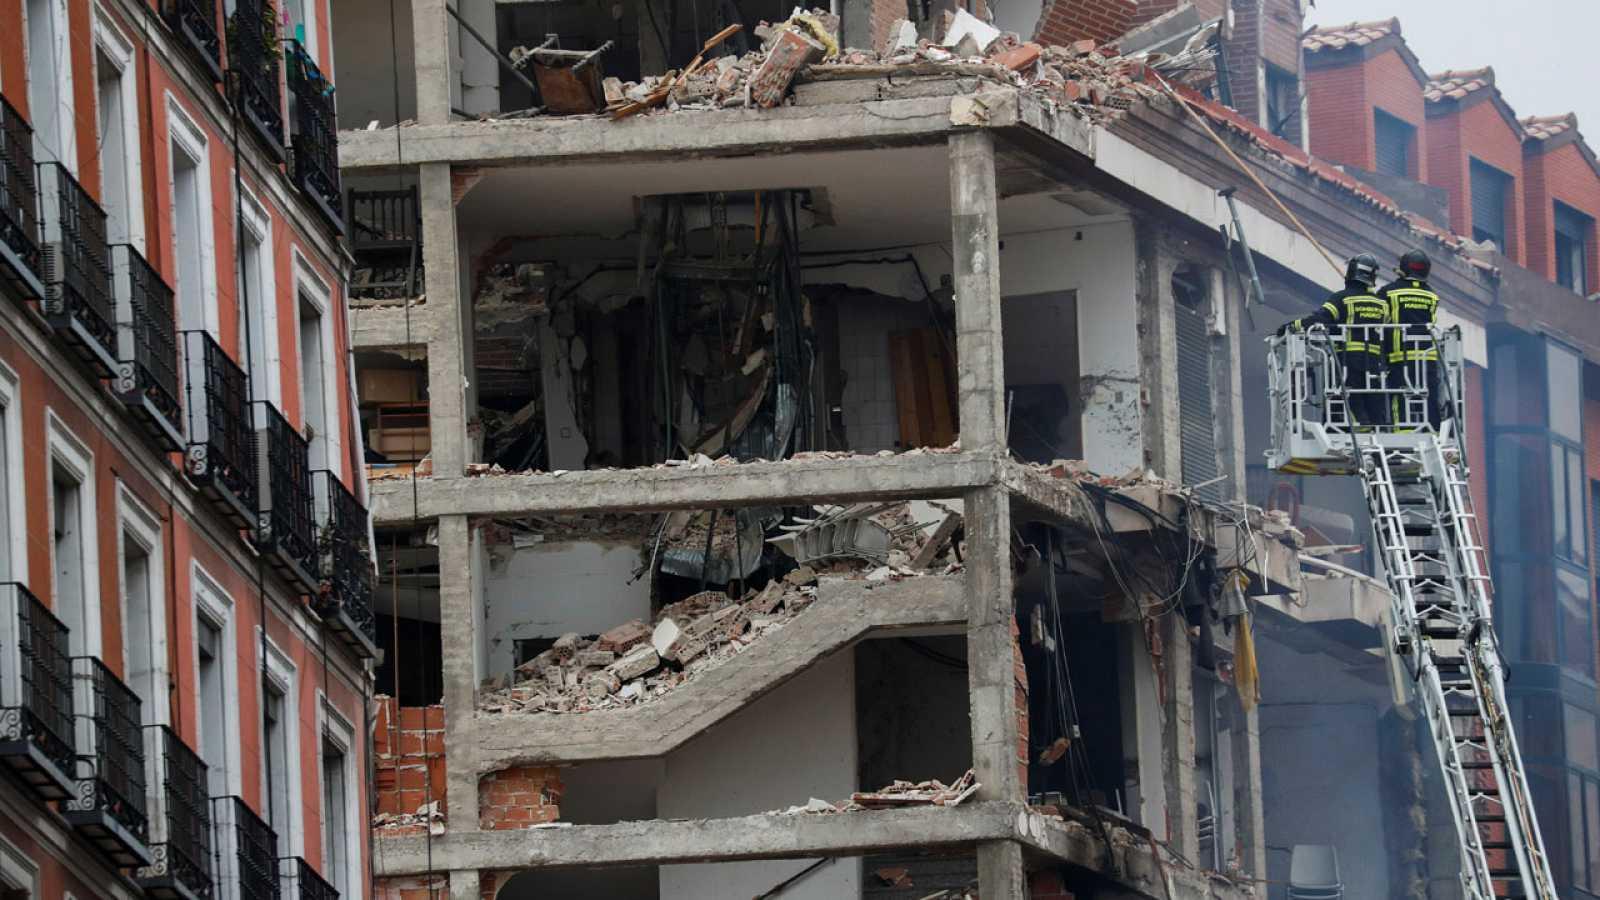 El barrio de La Latina se recupera lentamente del susto provocado por la explosión